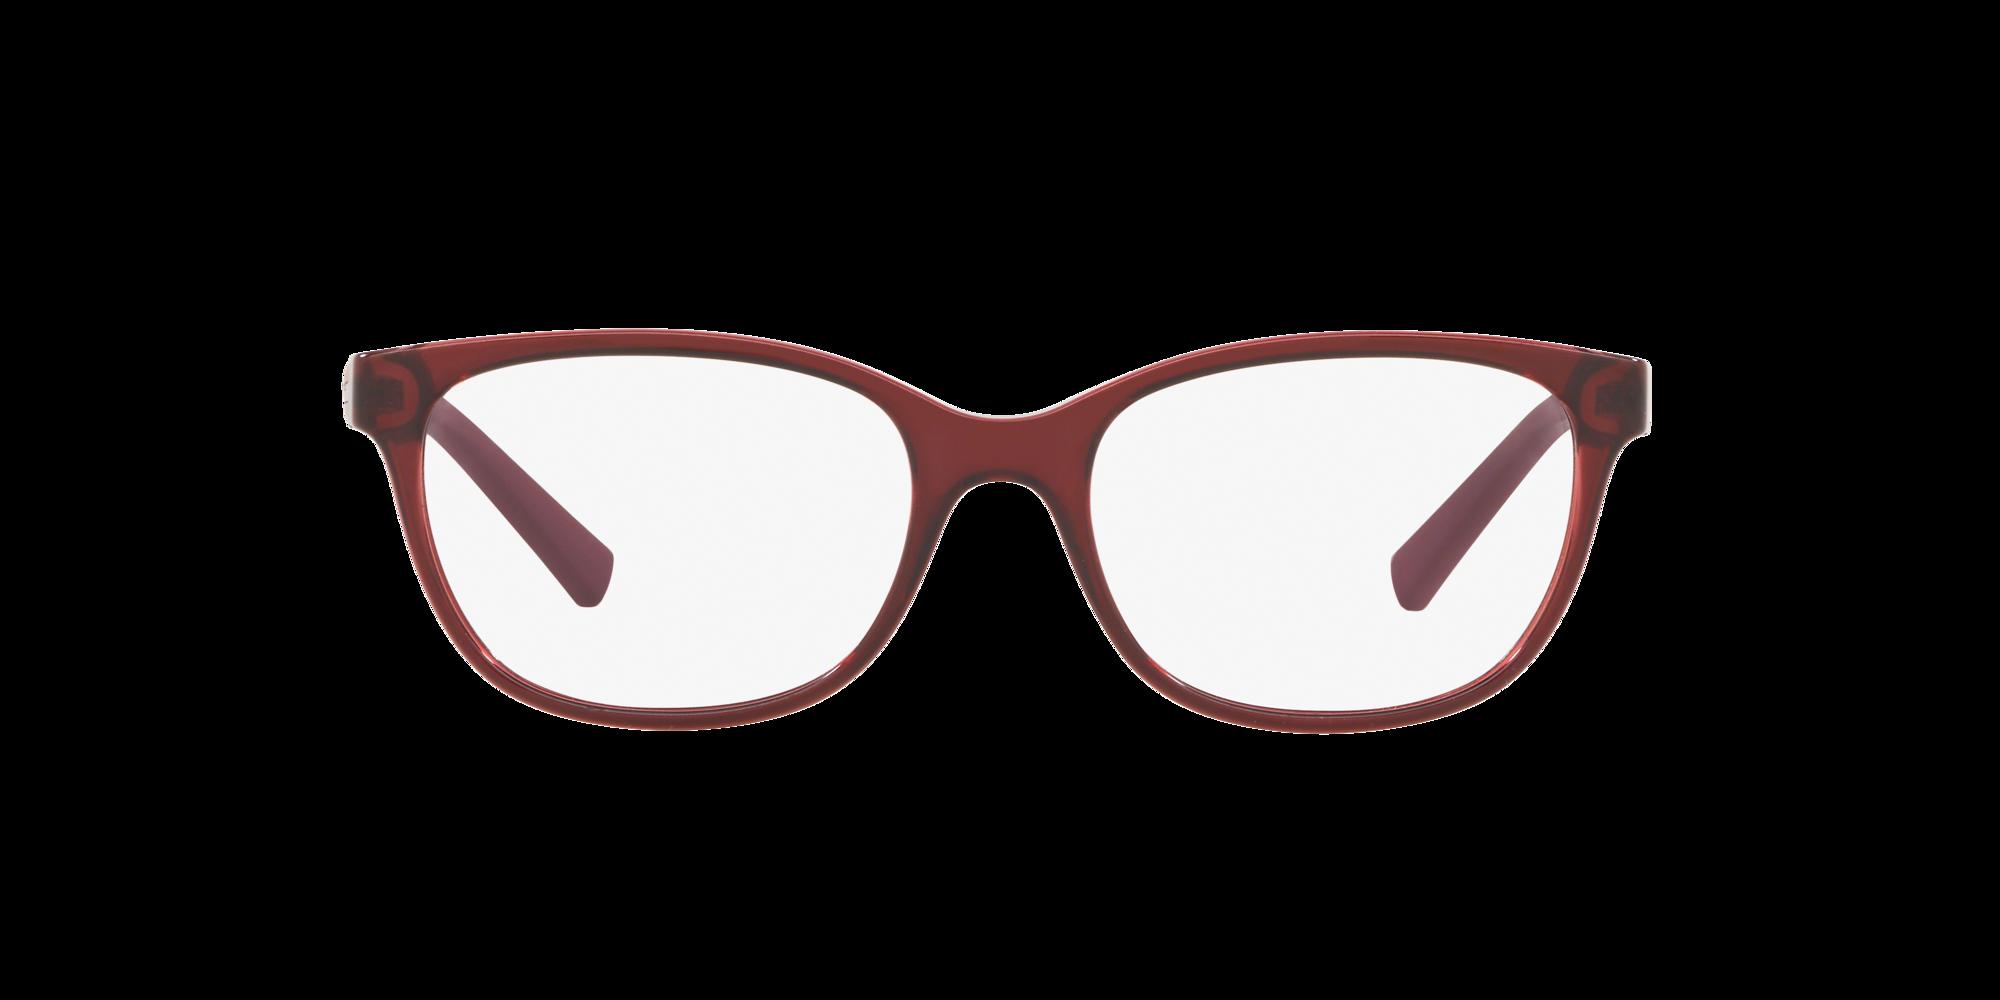 Imagen para AX3037 de LensCrafters |  Espejuelos, espejuelos graduados en línea, gafas